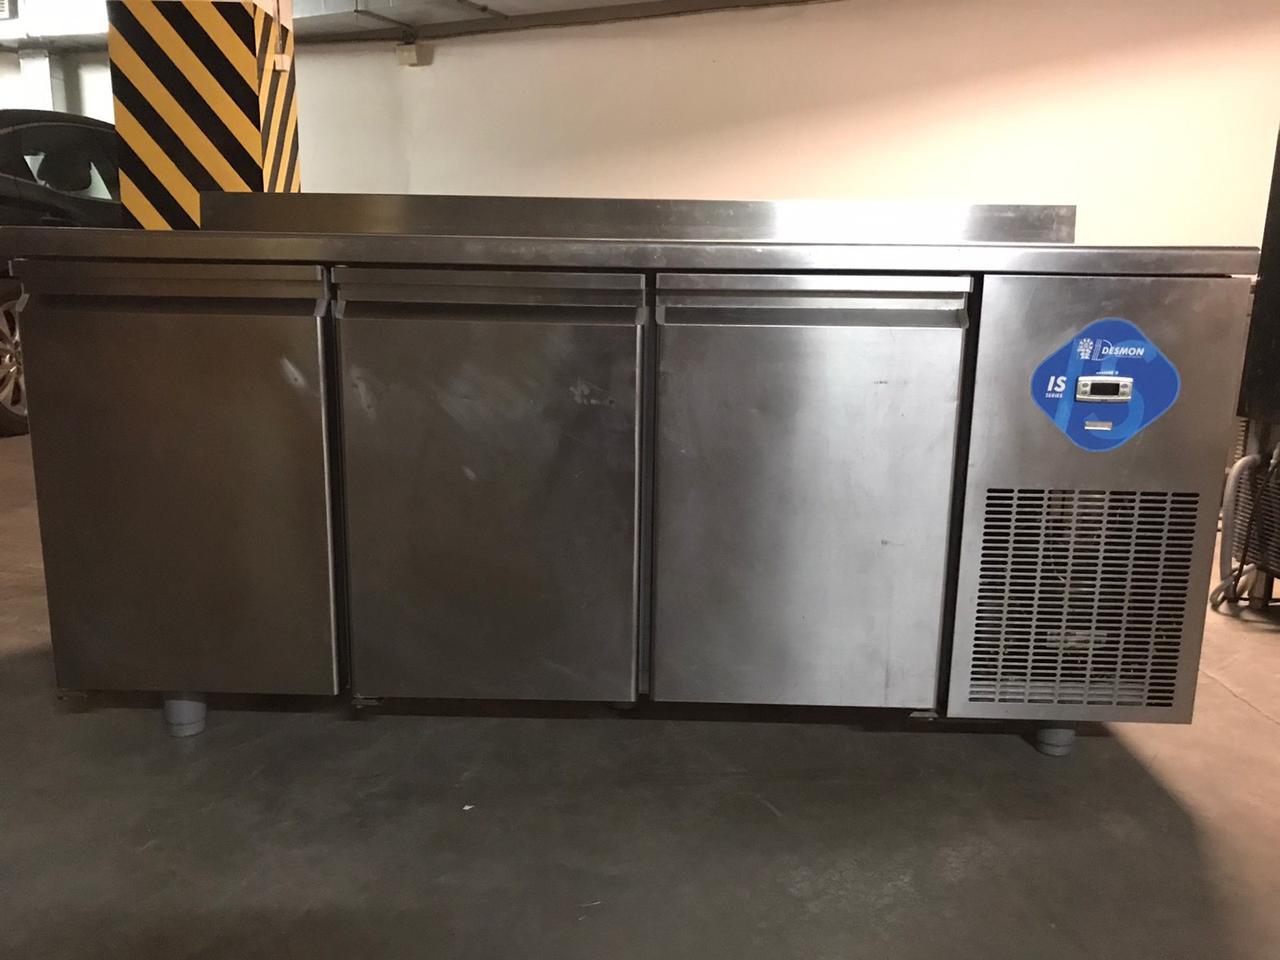 Стіл холодильний Desmon ITSM3 (Італія) Б/у в хорошому робочому стані!.